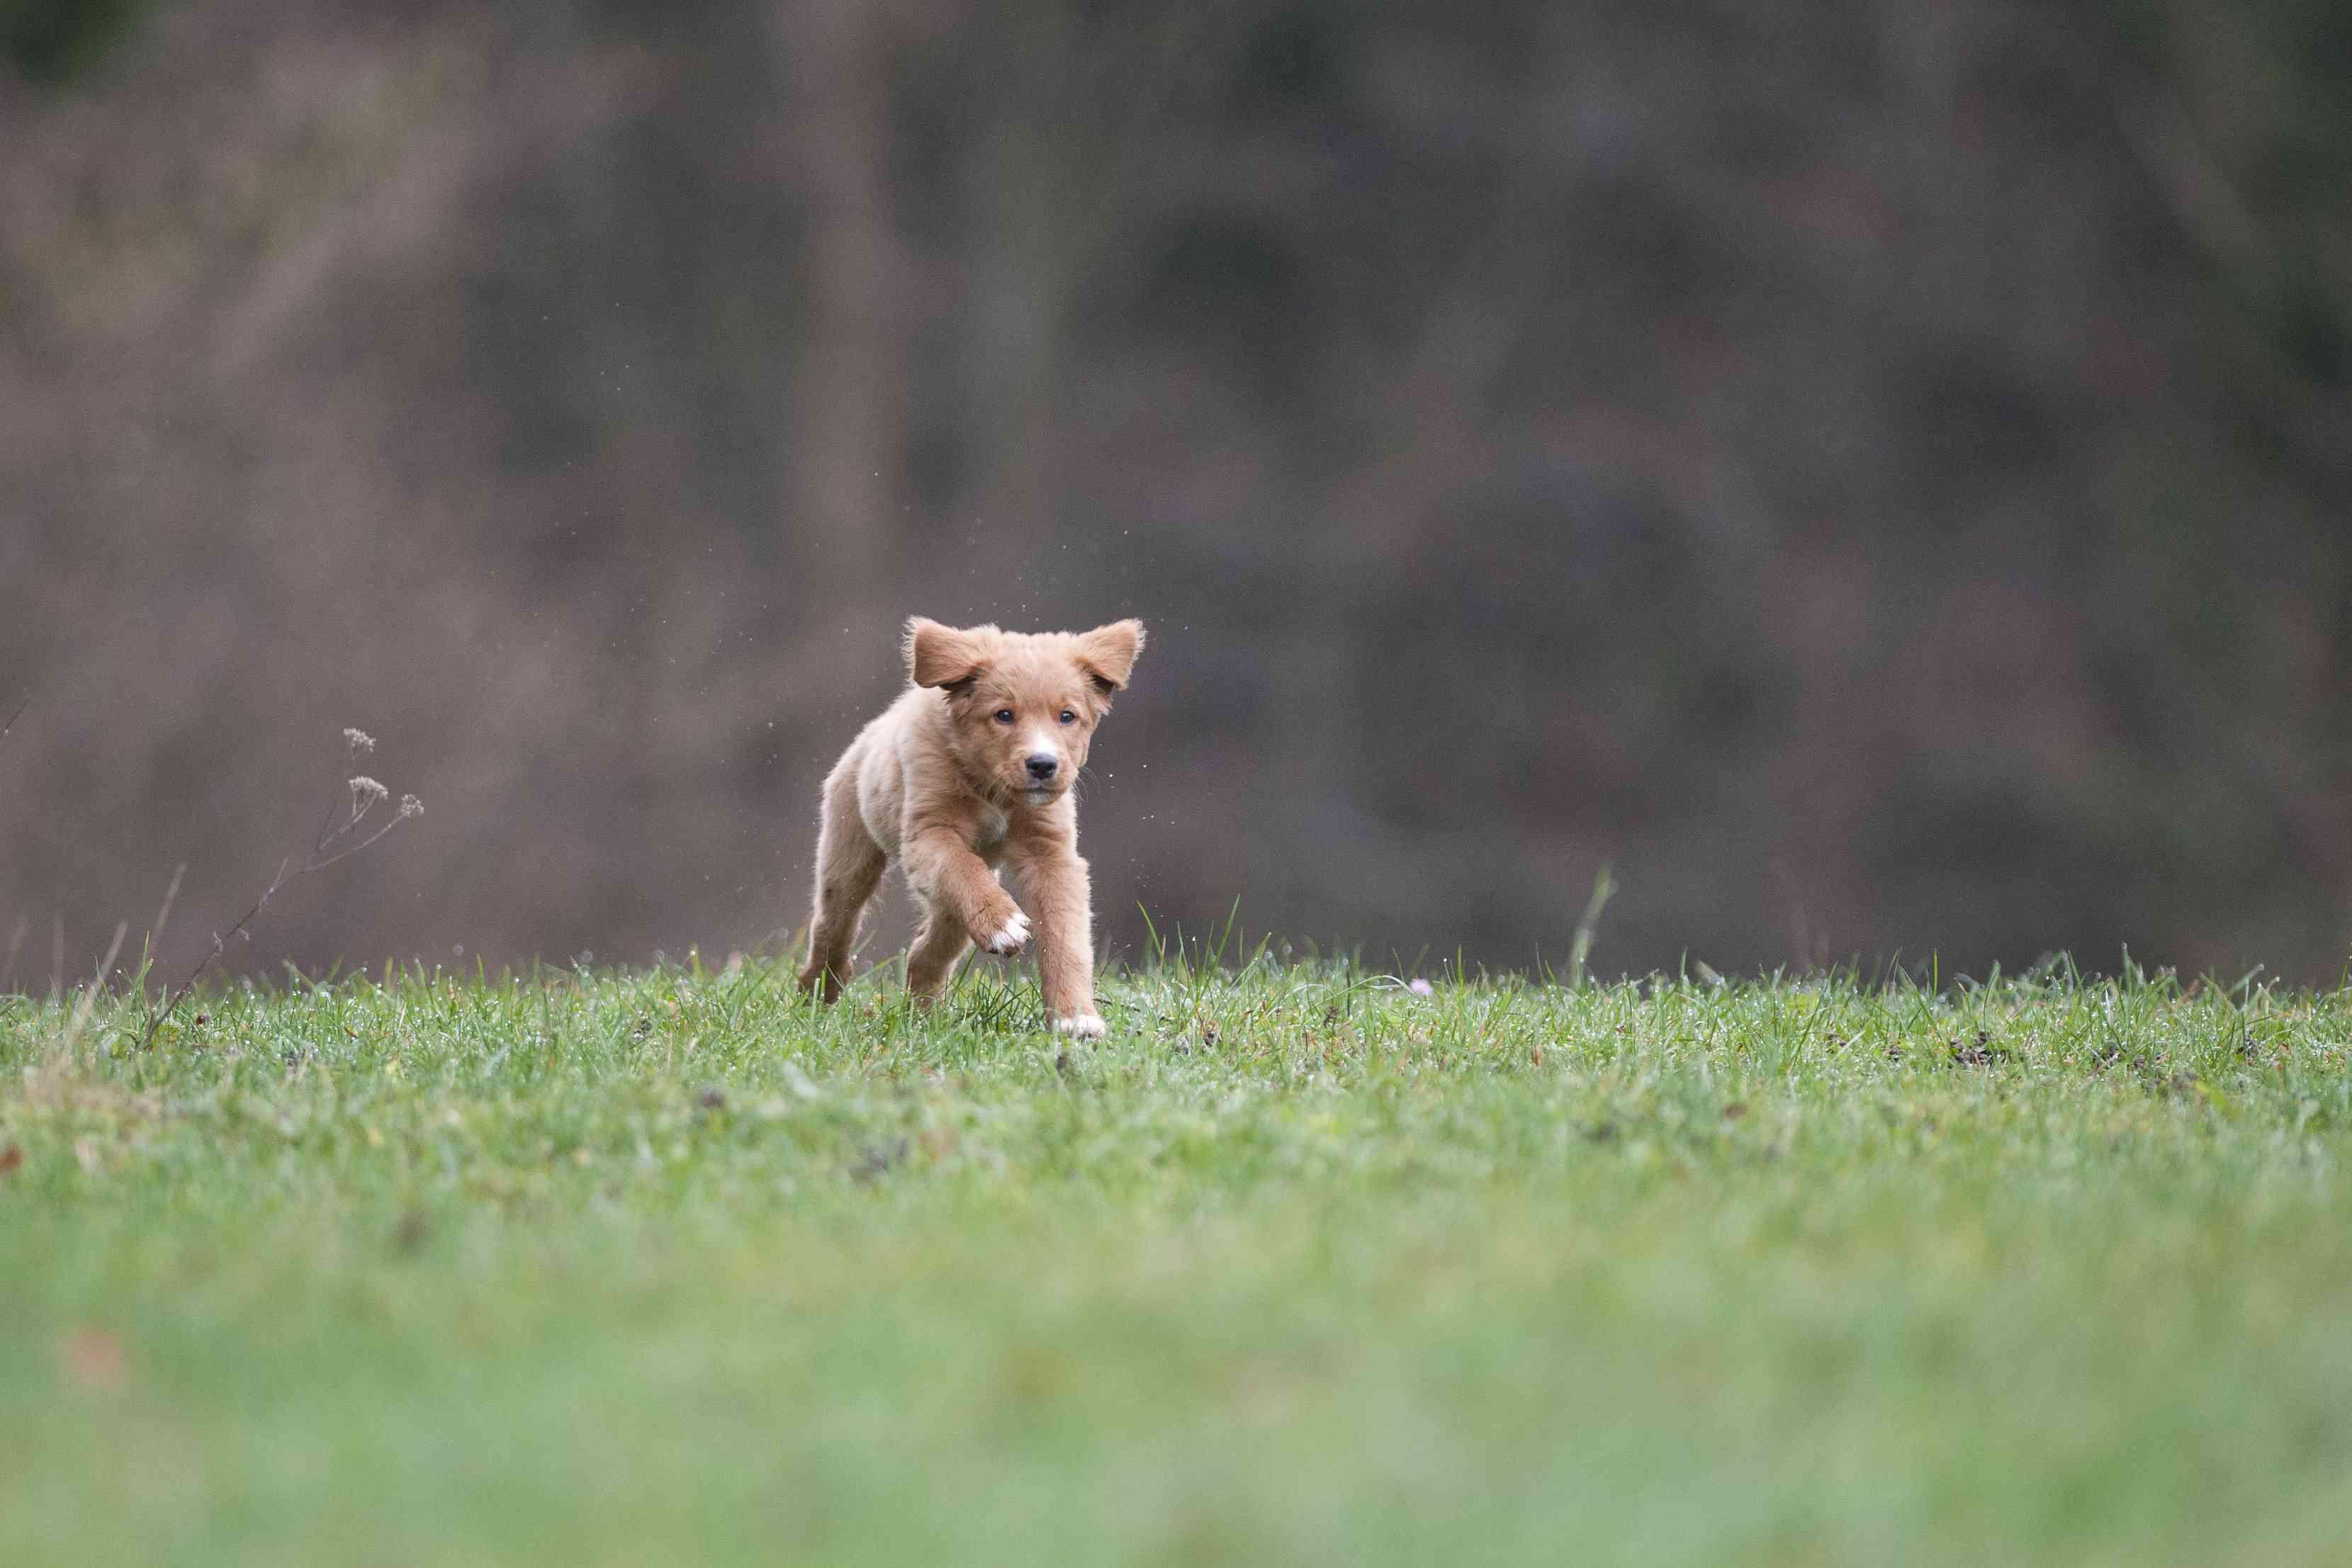 Toller puppy running in grass.